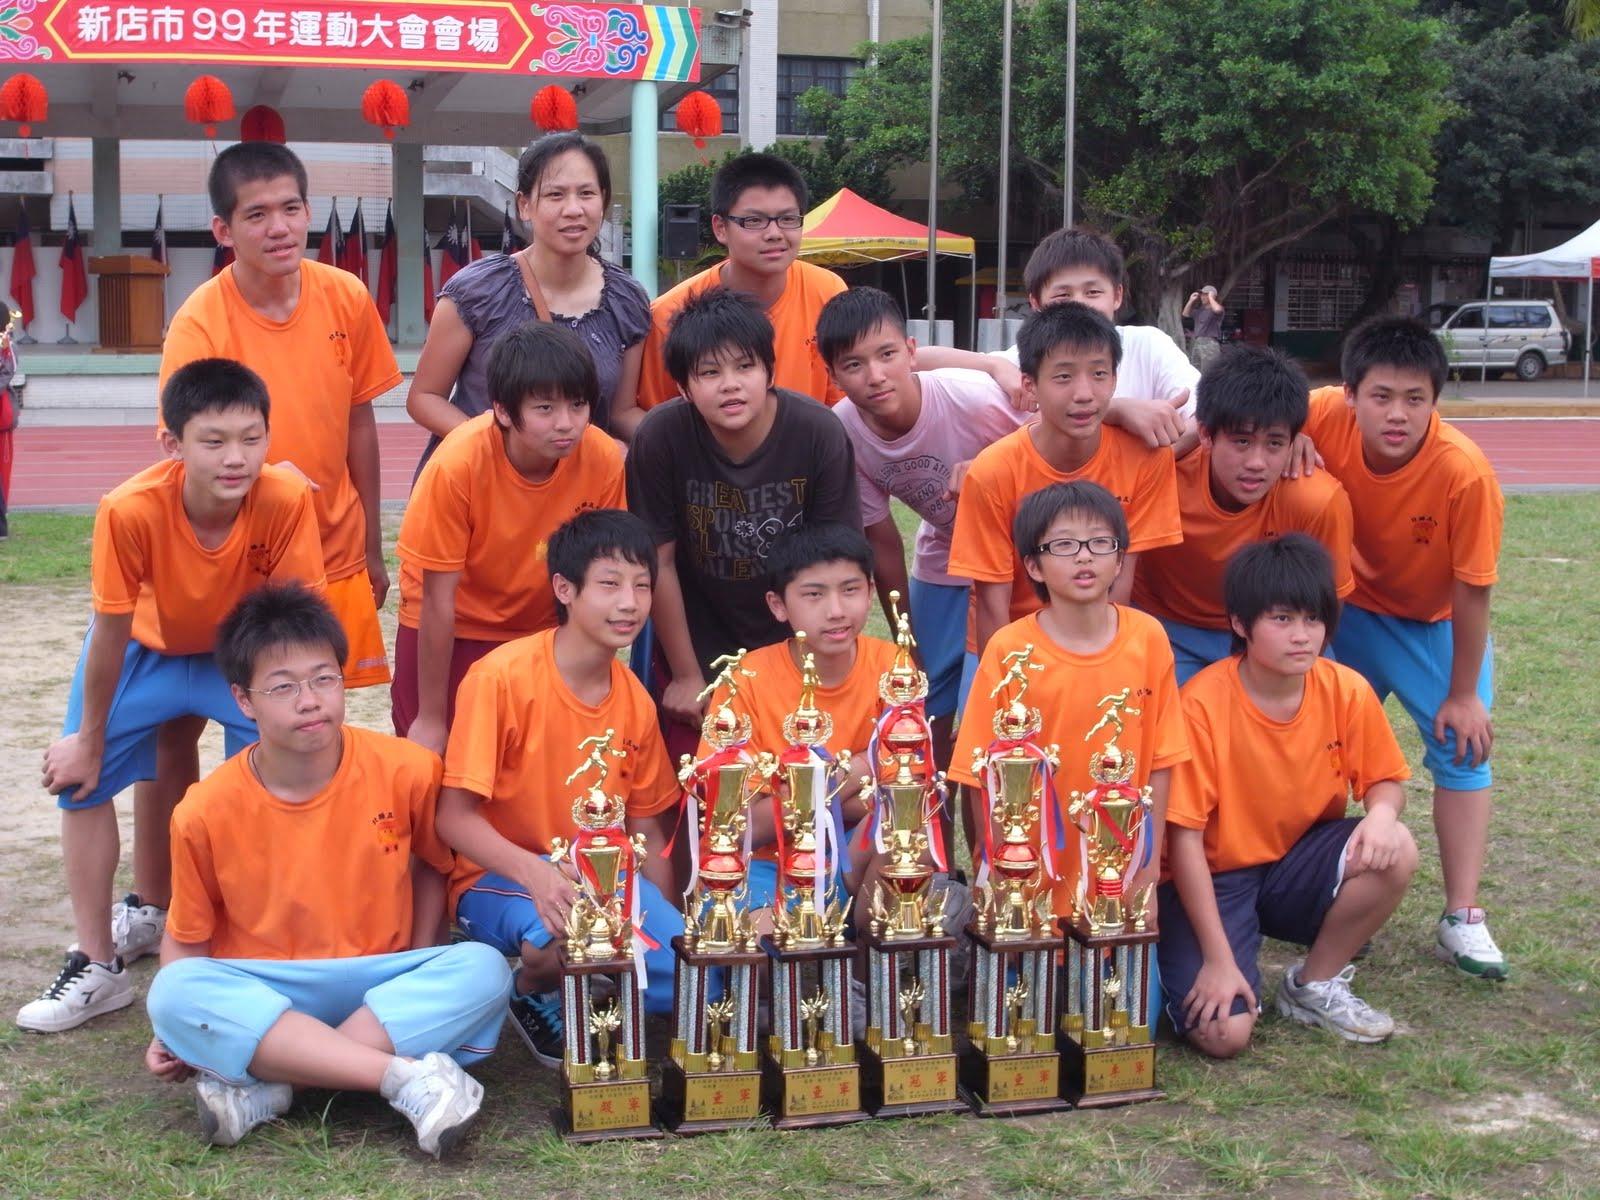 文山報導雜誌: 五峰國中用心栽培體育人才 田徑籃球拳擊樣樣行